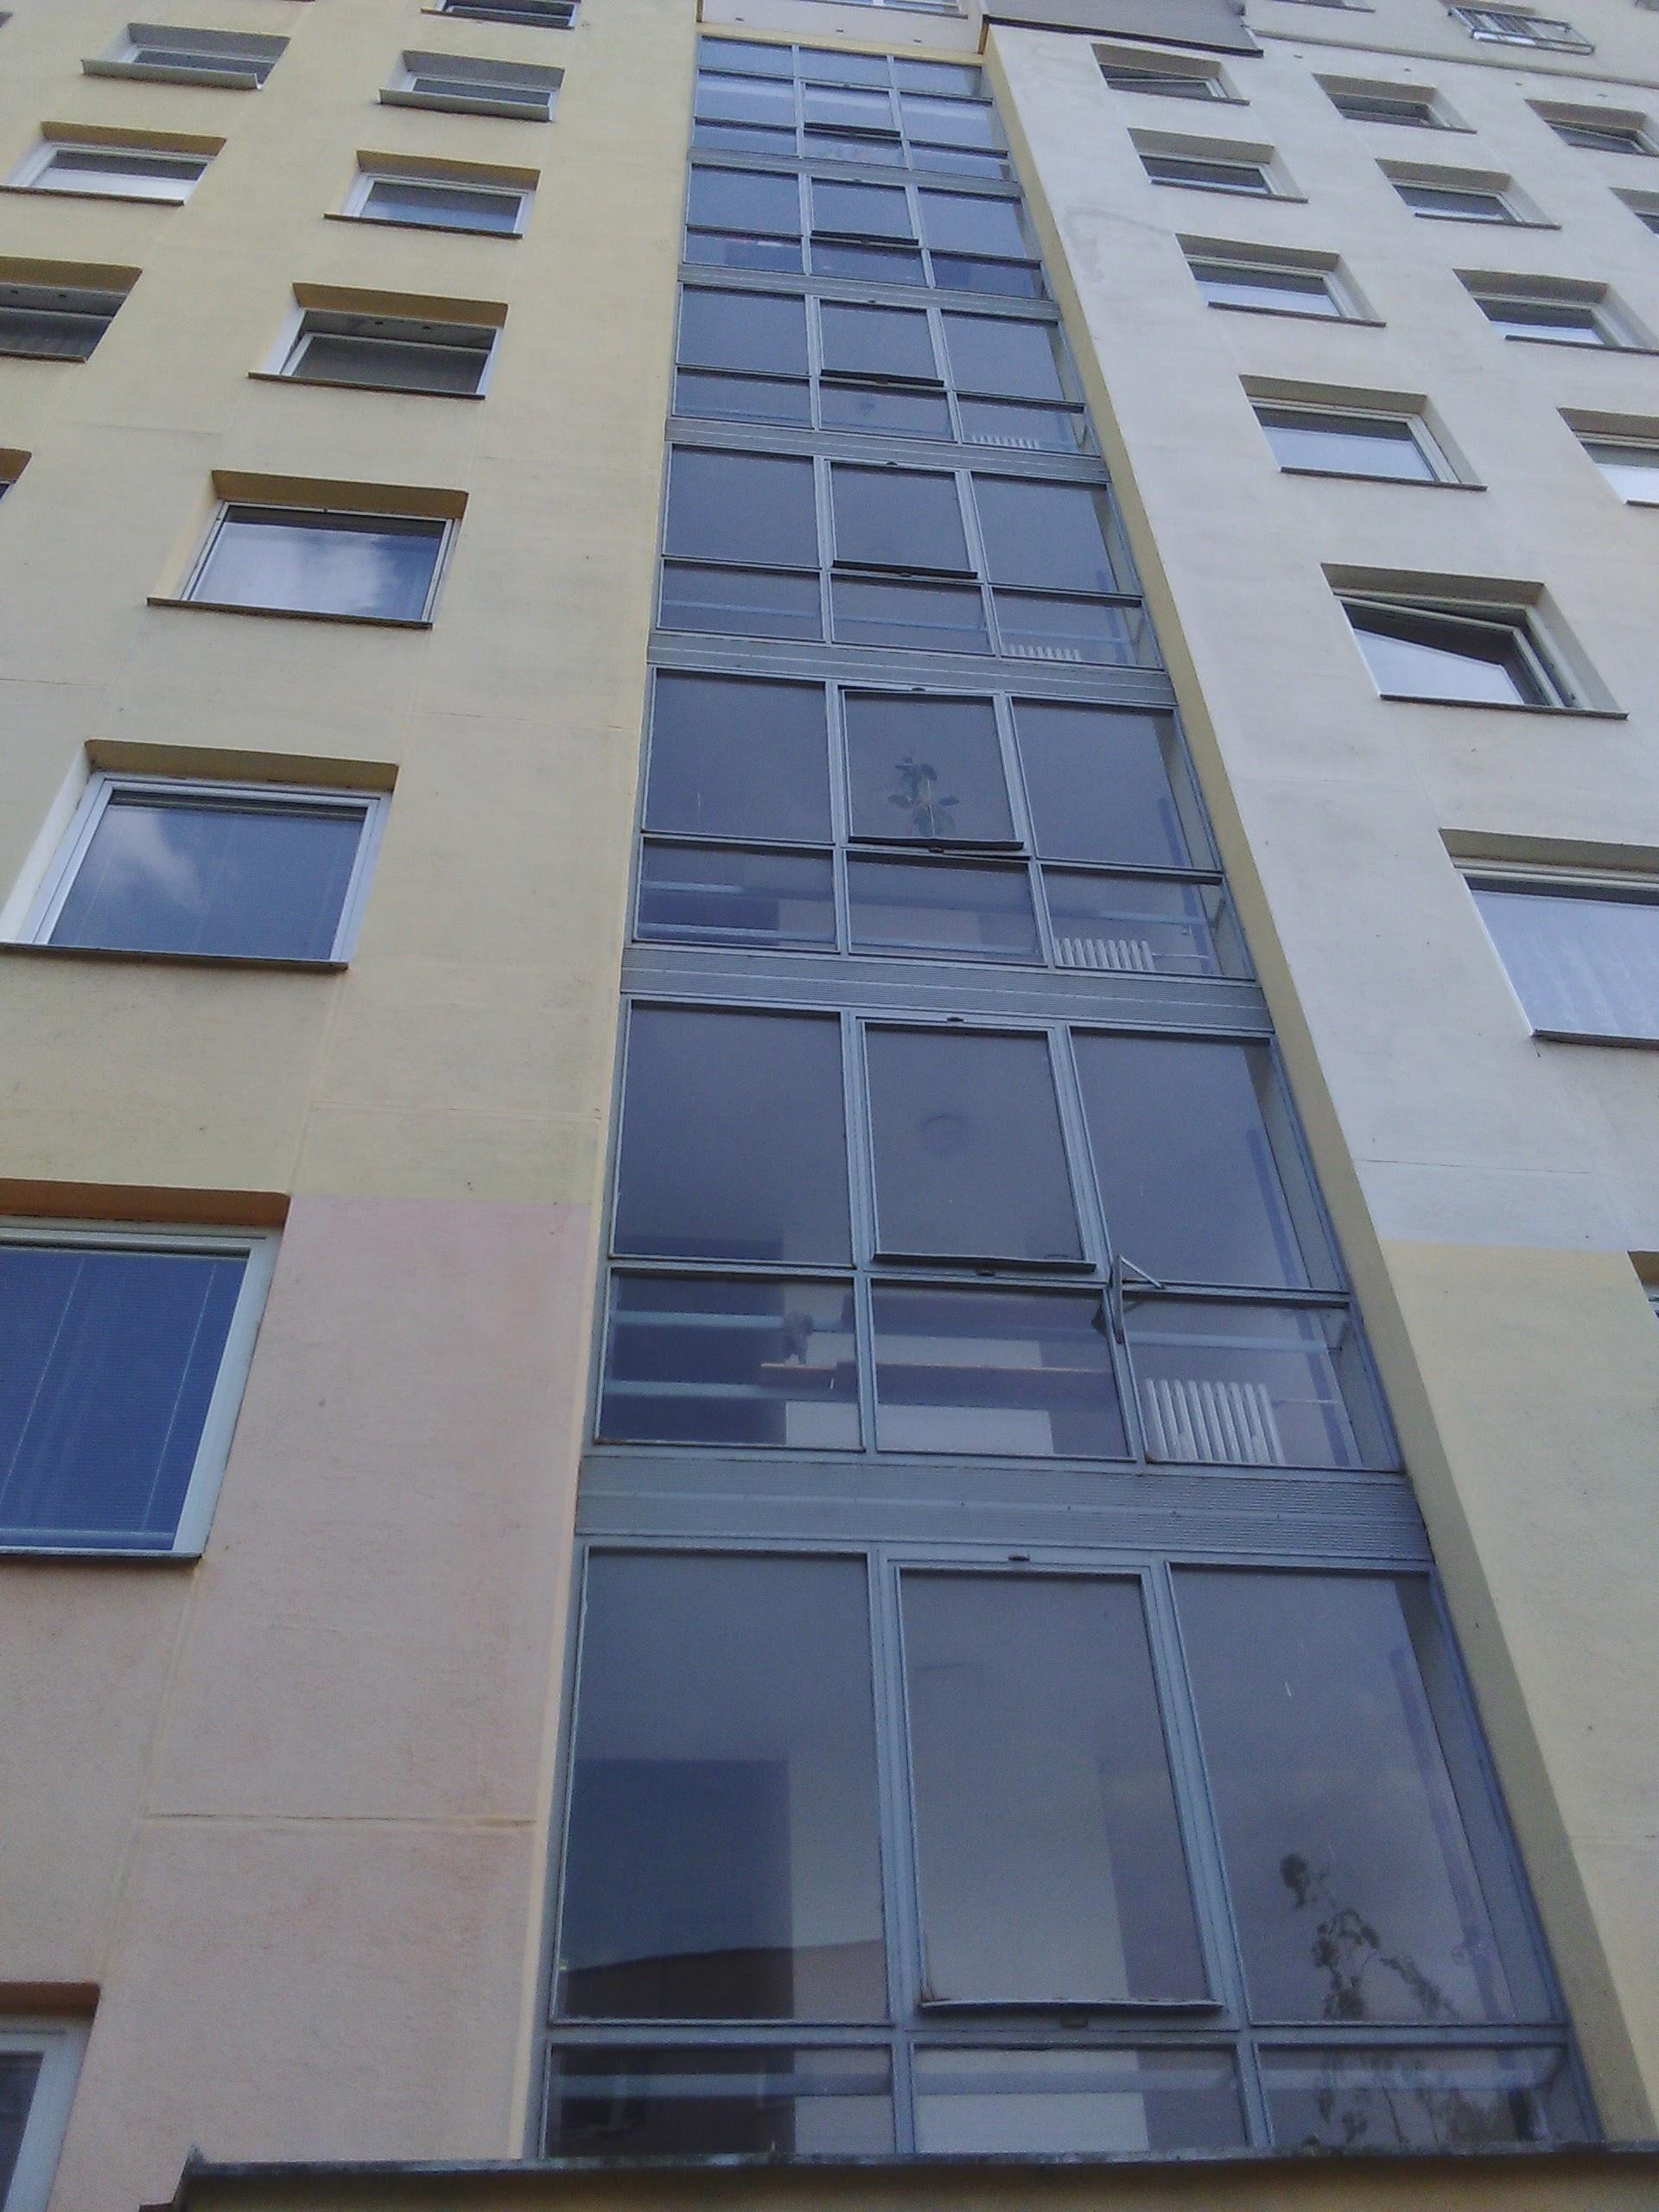 Středová část severní části domu (výměna oken ve společných částech domu při schodišti)